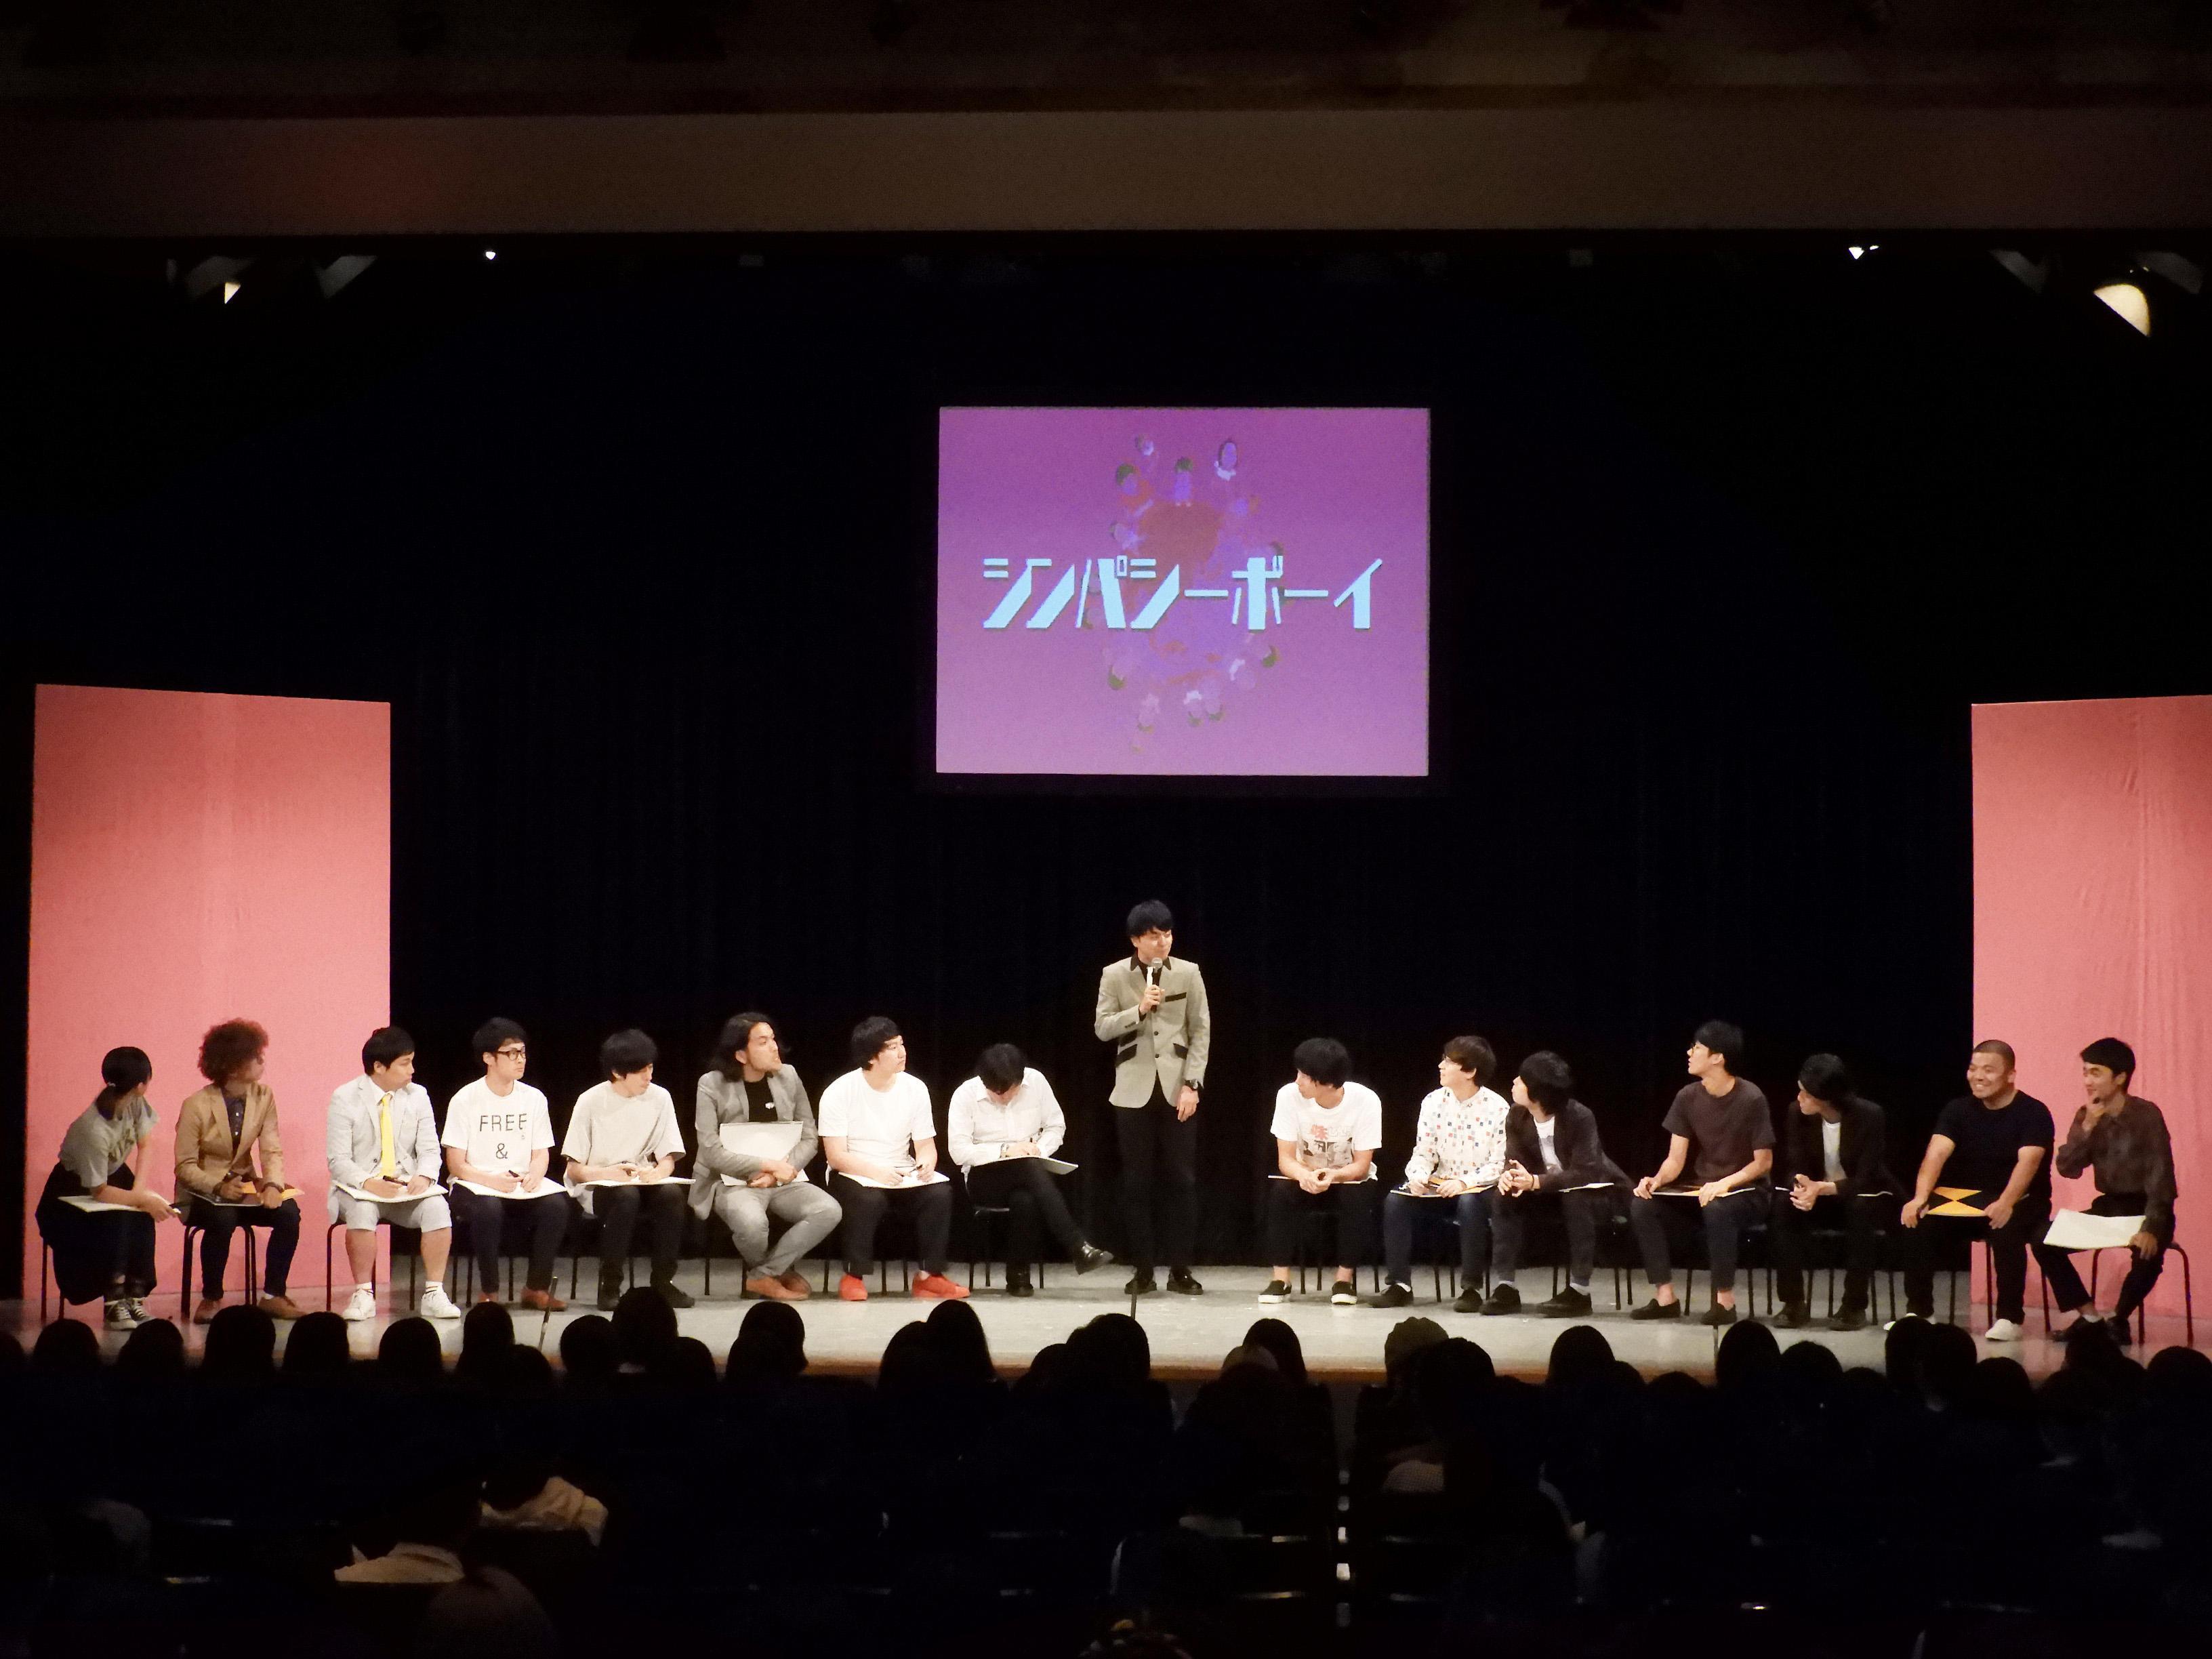 http://news.yoshimoto.co.jp/20180926120405-029e78020a53e1aa7e039885d4771ff8f8a1a148.jpg